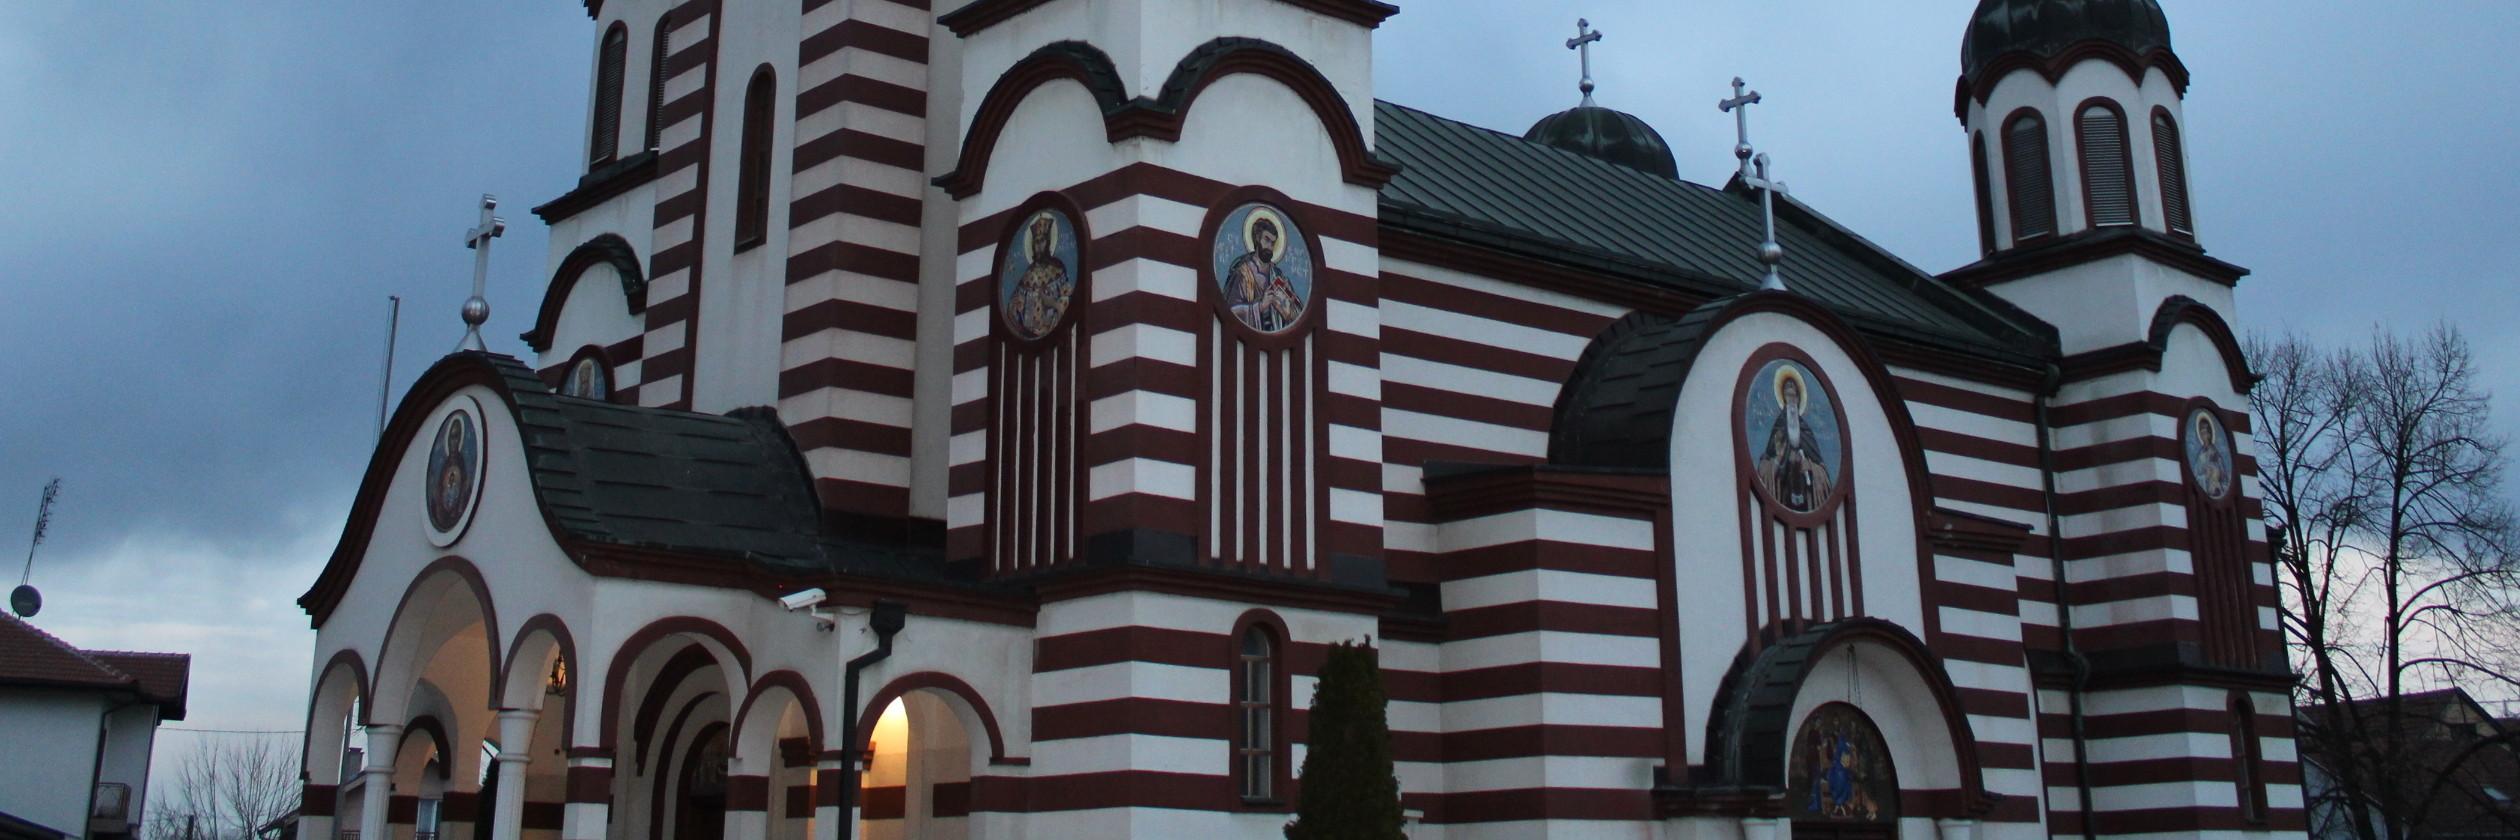 Церковь Успения Богородицы в Брчко. Фото: Елена Арсениевич, CC BY-SA 3.0